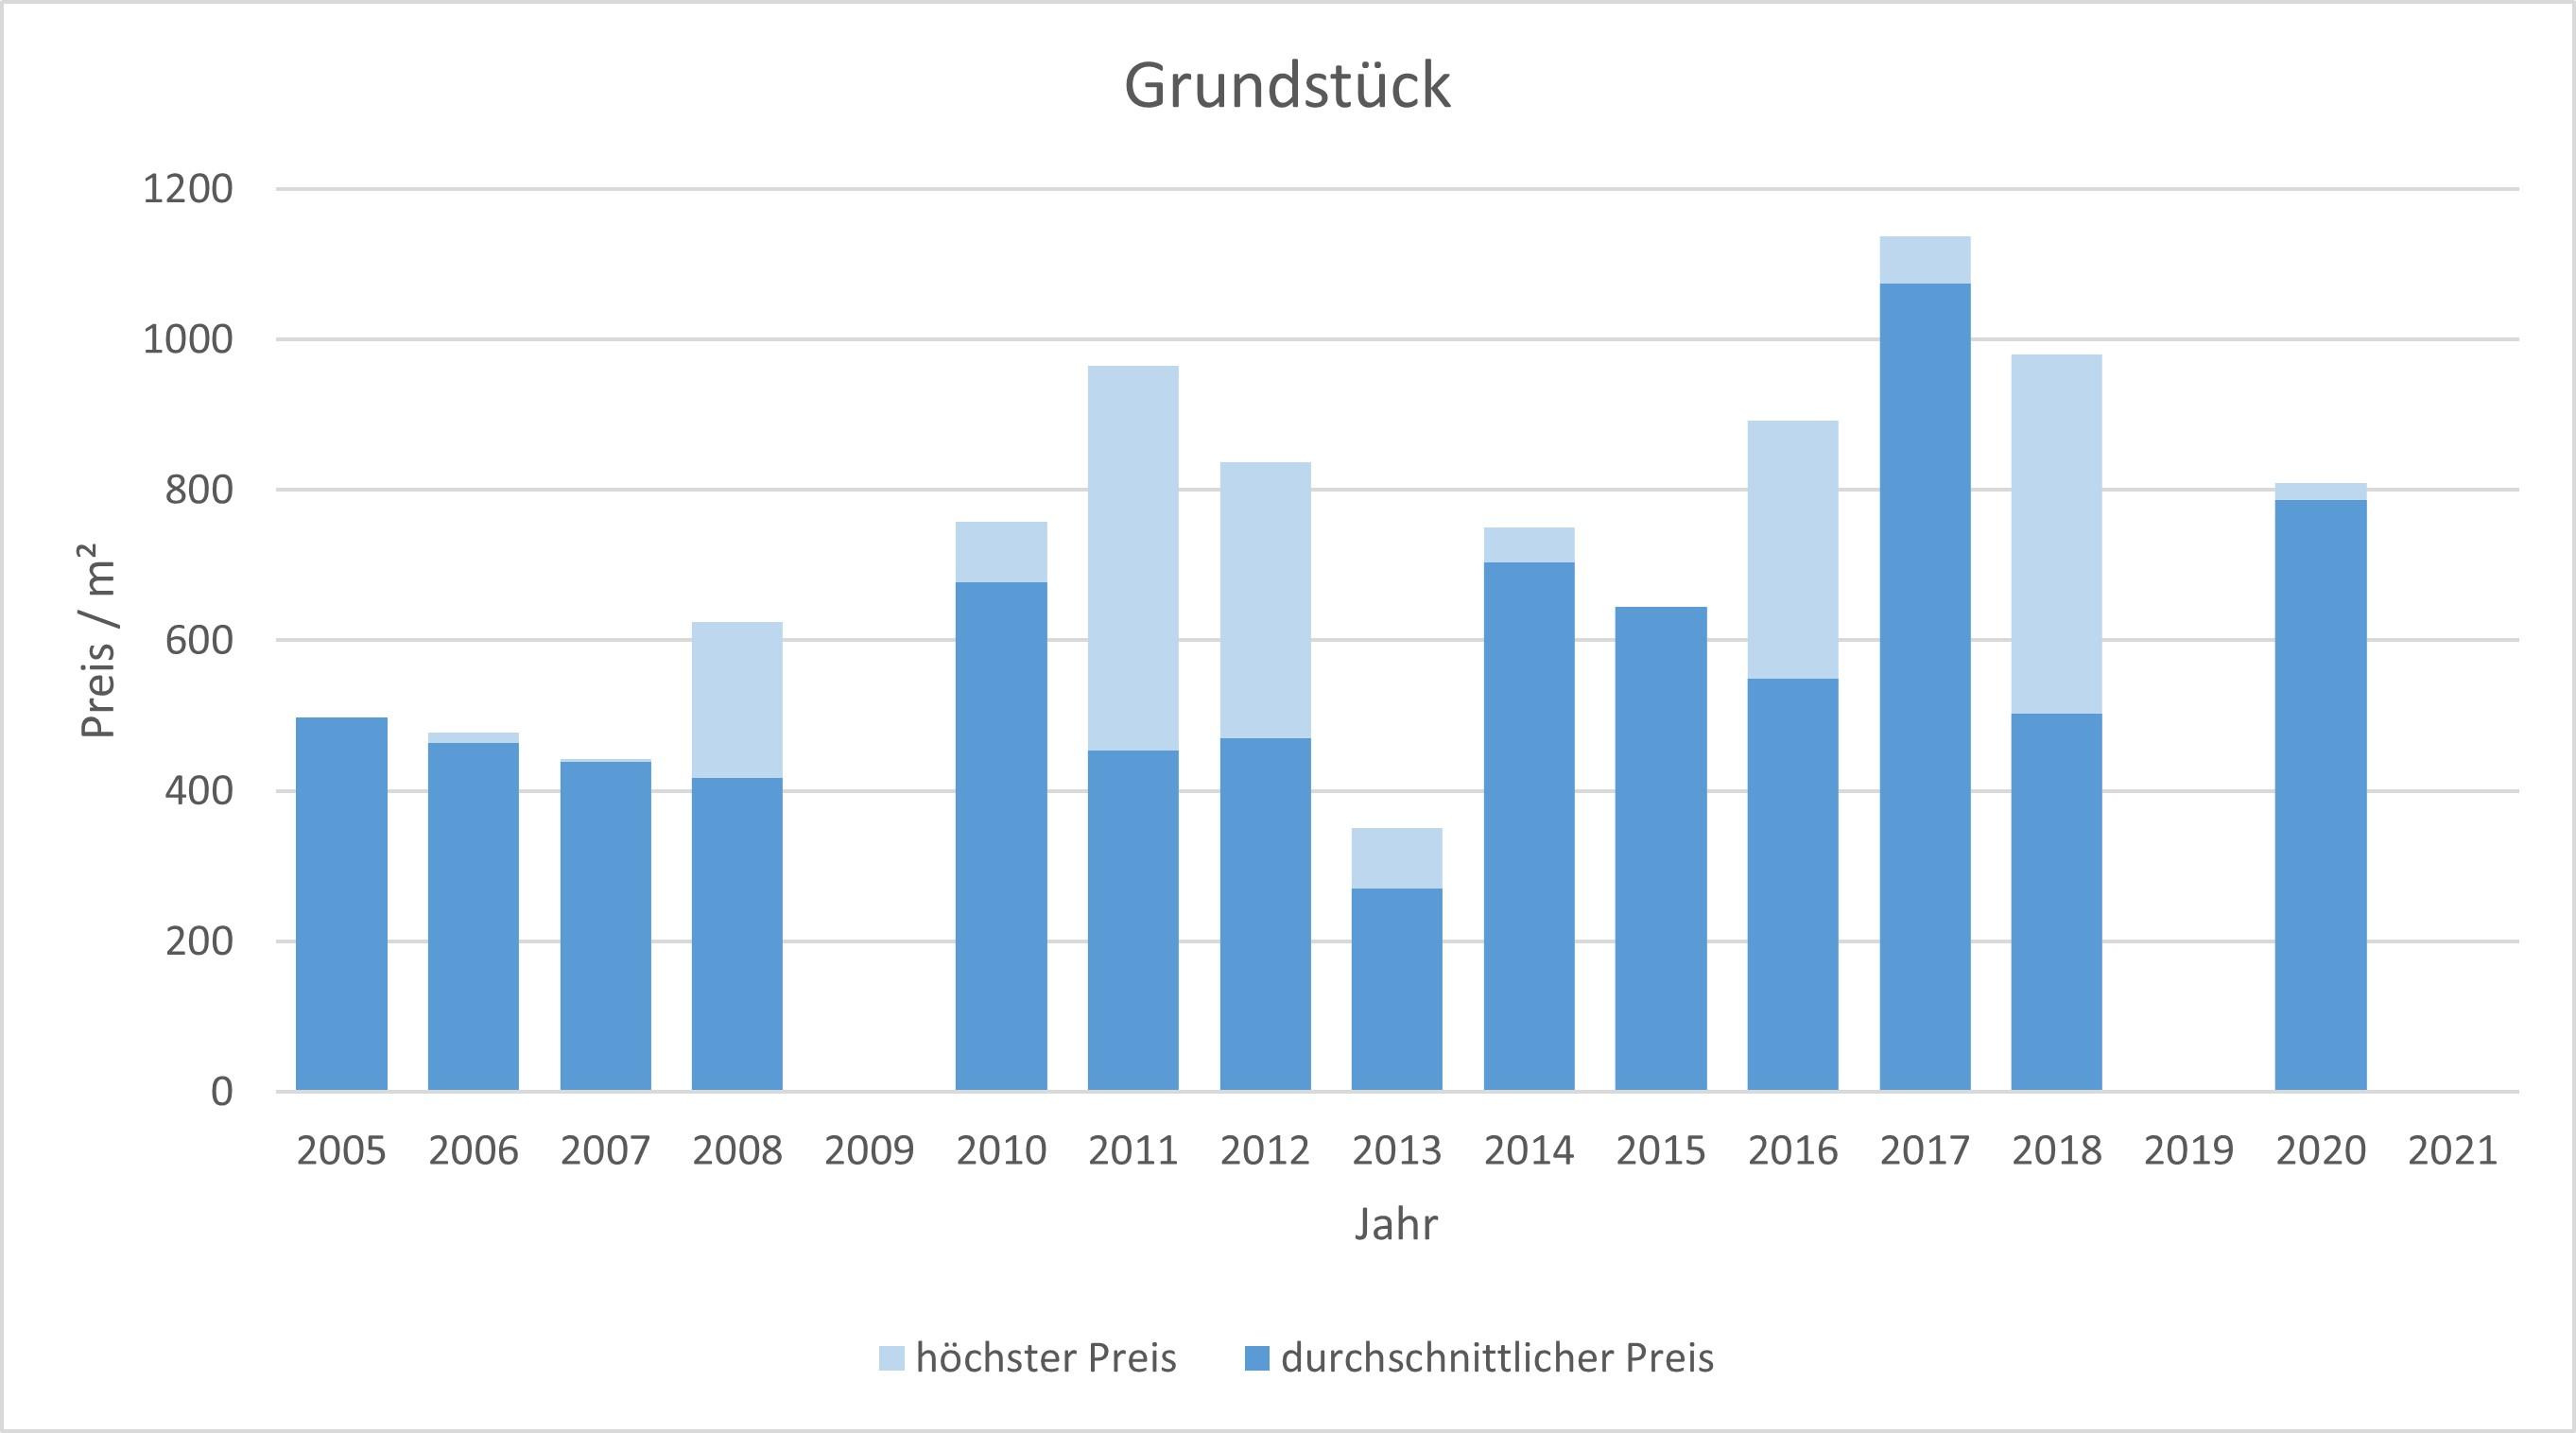 Anzing Grundstück Kaufen Verkaufen Makler qm Preis Baurecht 2019, 2020, 2021